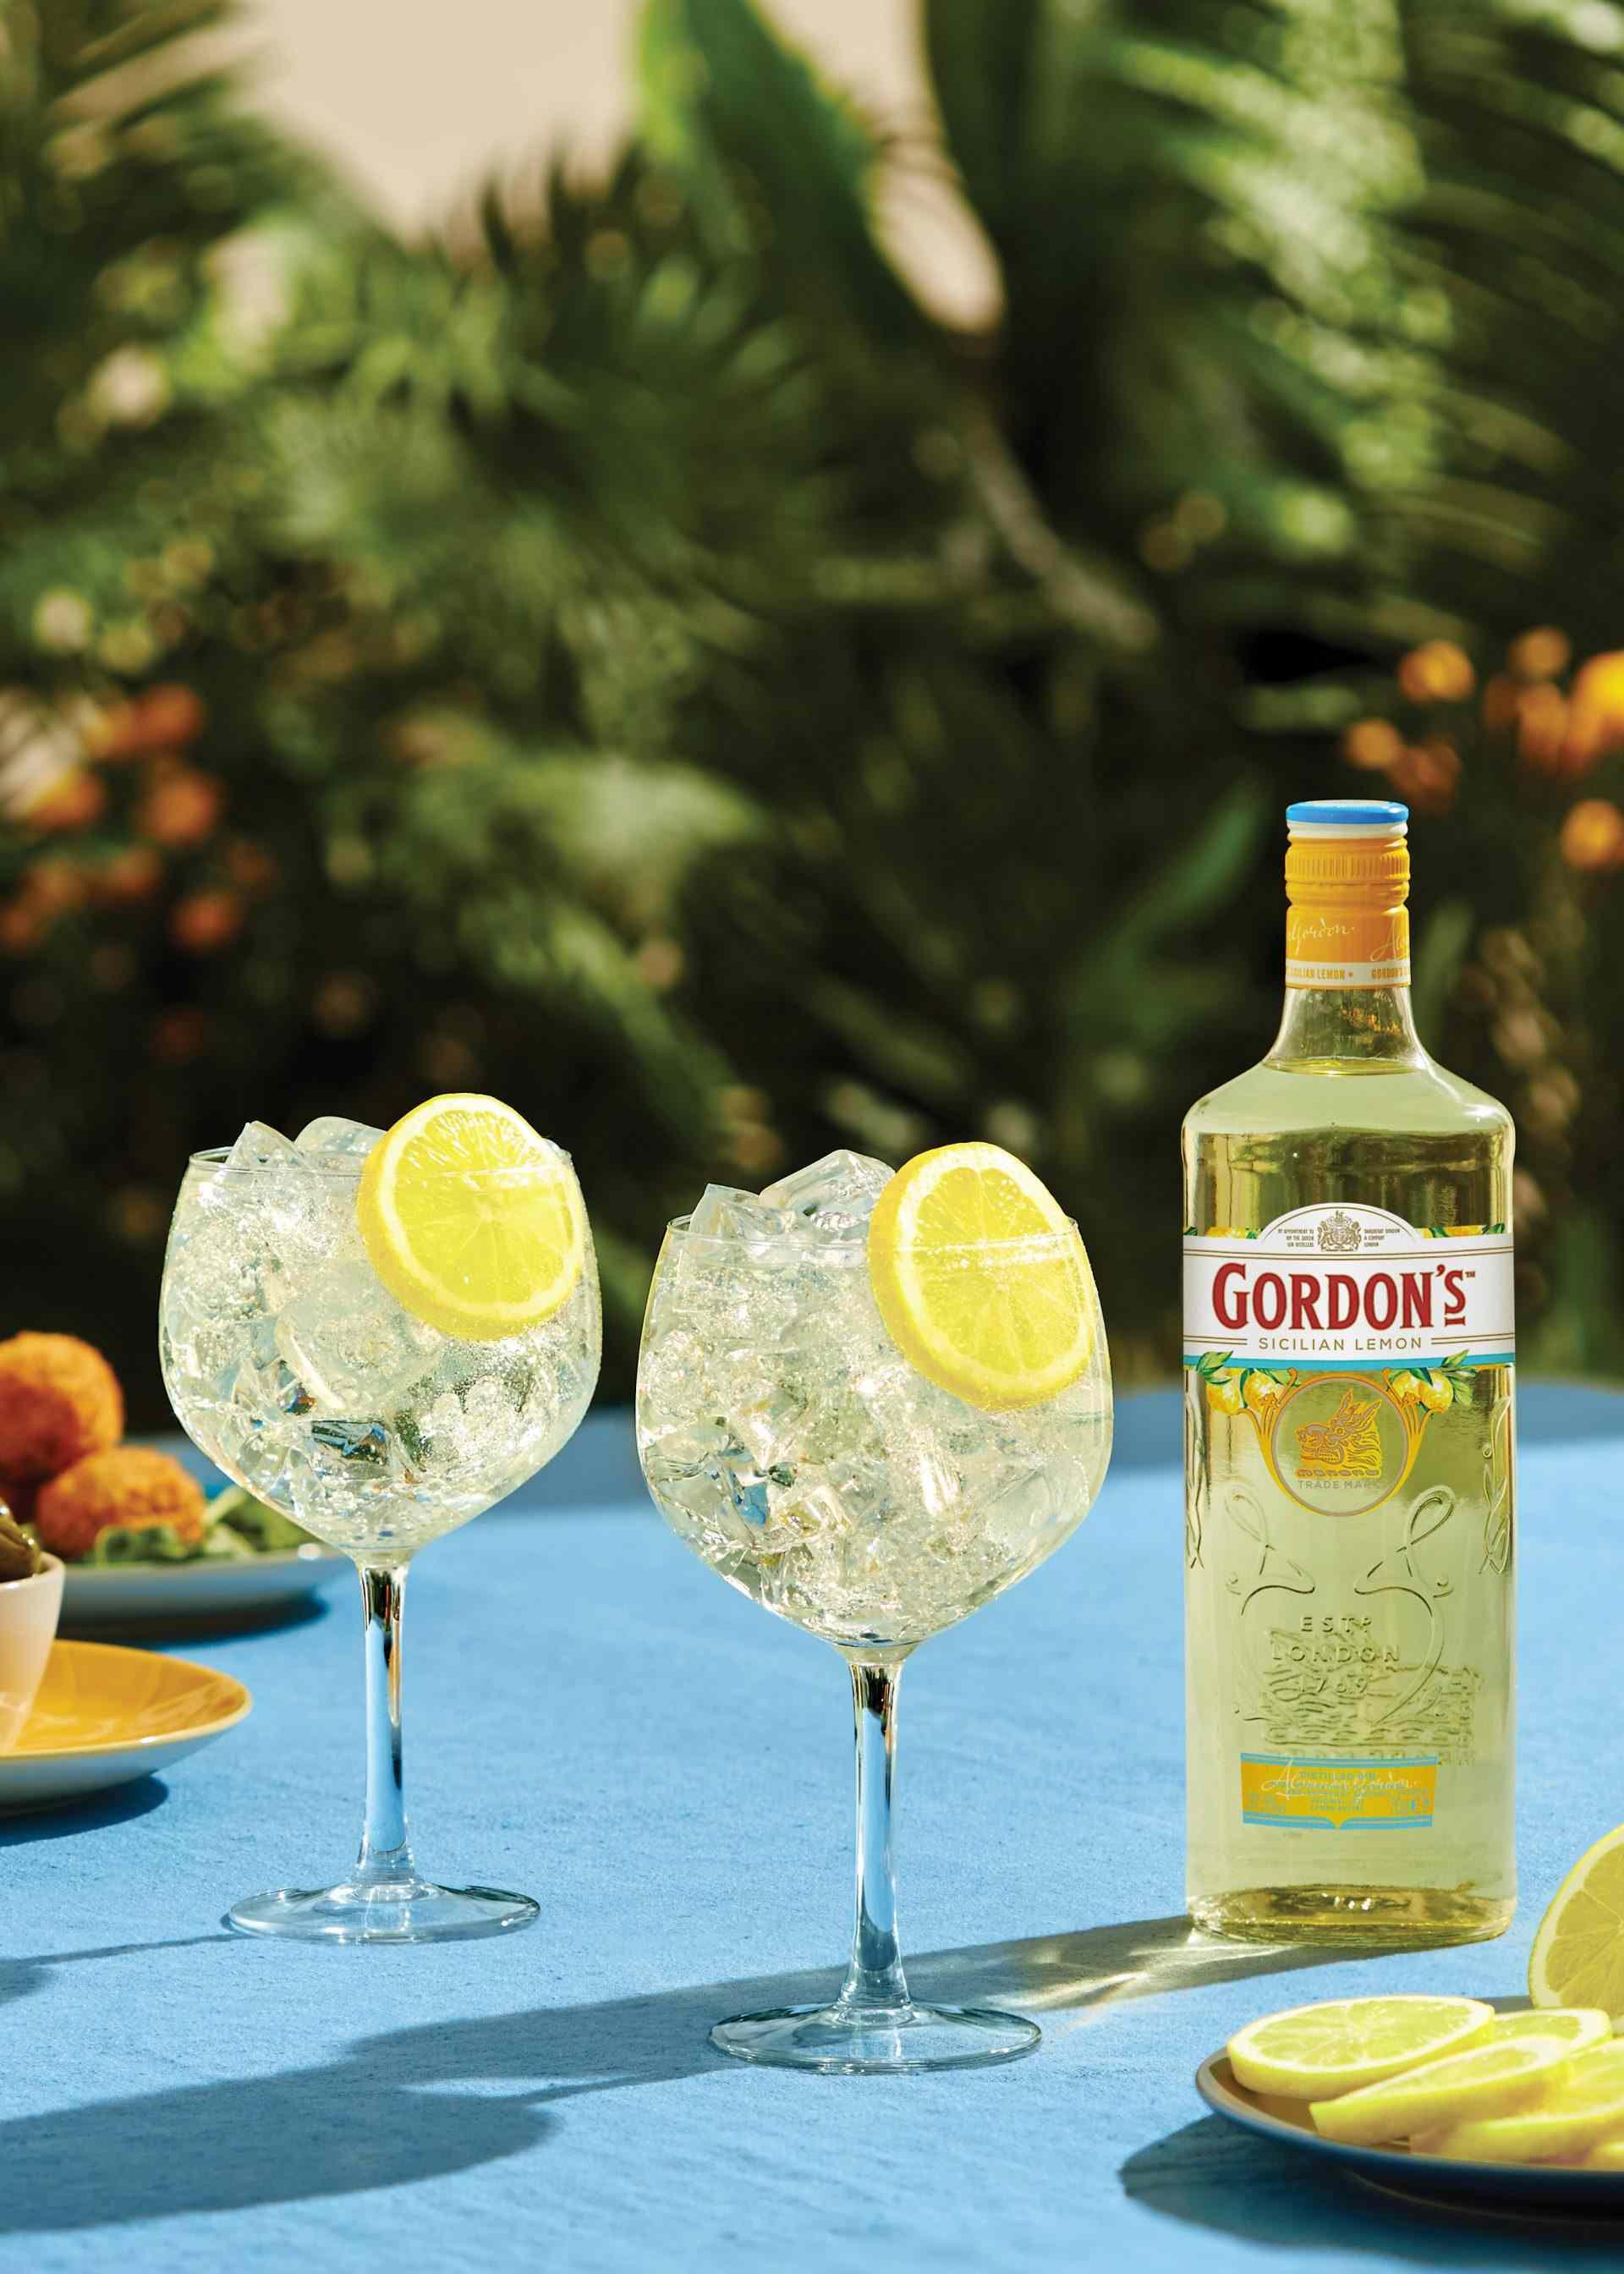 Gordon gin